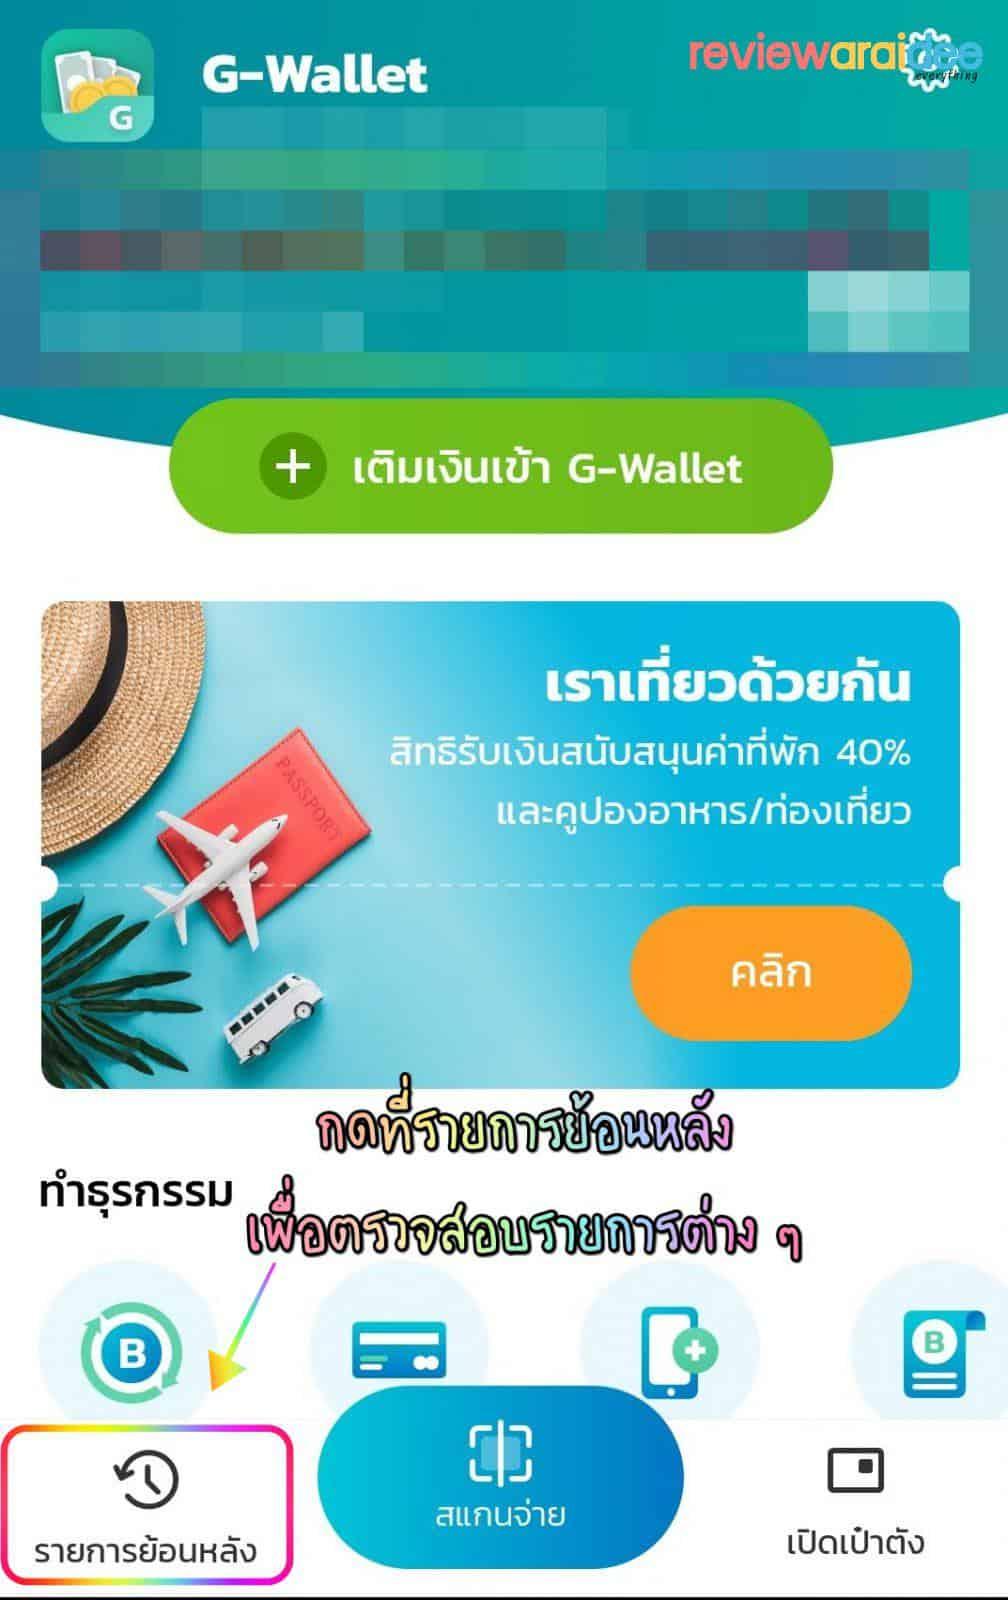 วิธีเติมเงินเป๋าตังเติมเงิน G-Wallet ไม่ได้ทำไงดี ?